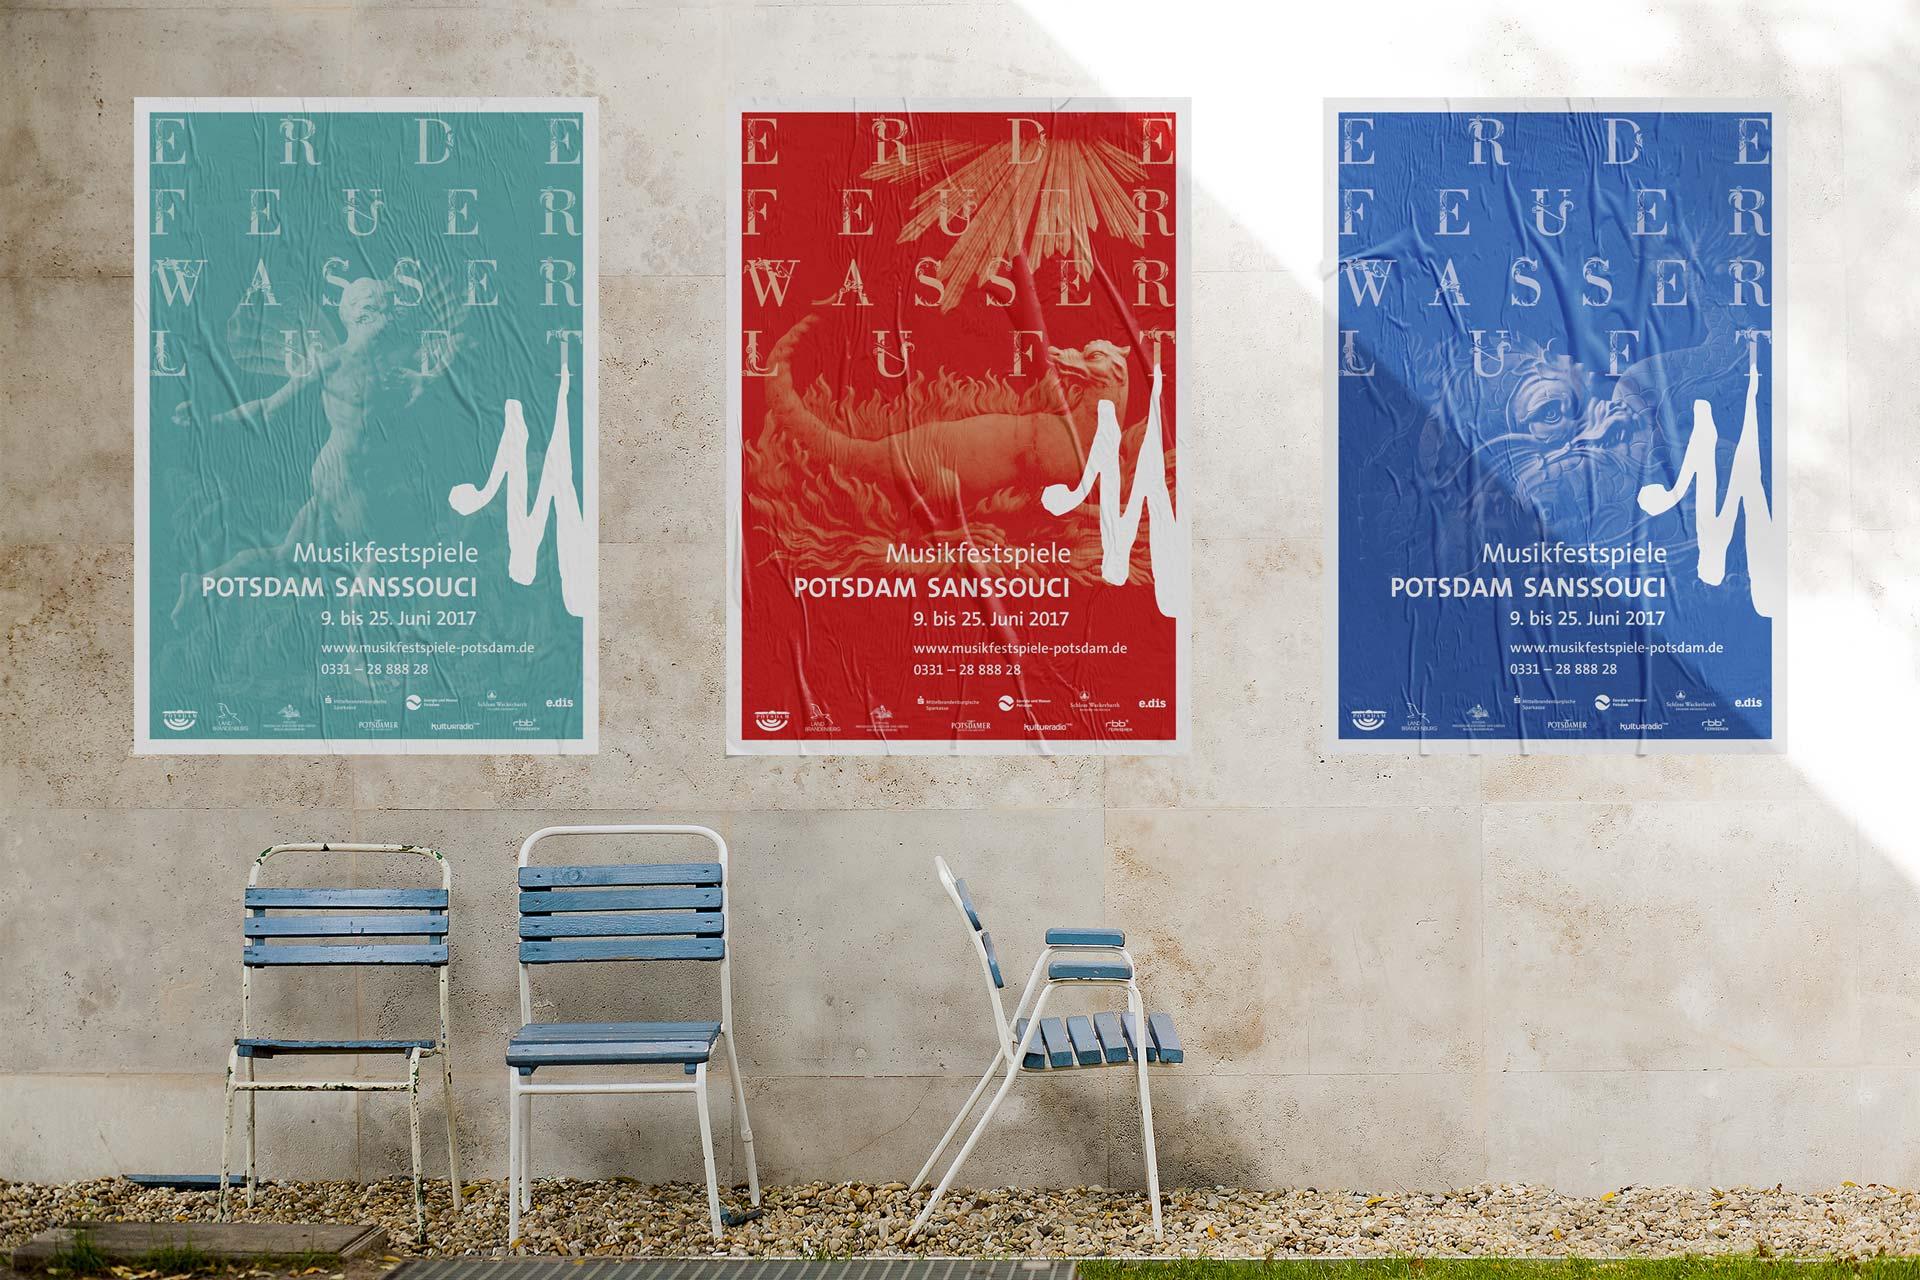 Plakate Musikfestspiele Potsdam Sanssouci